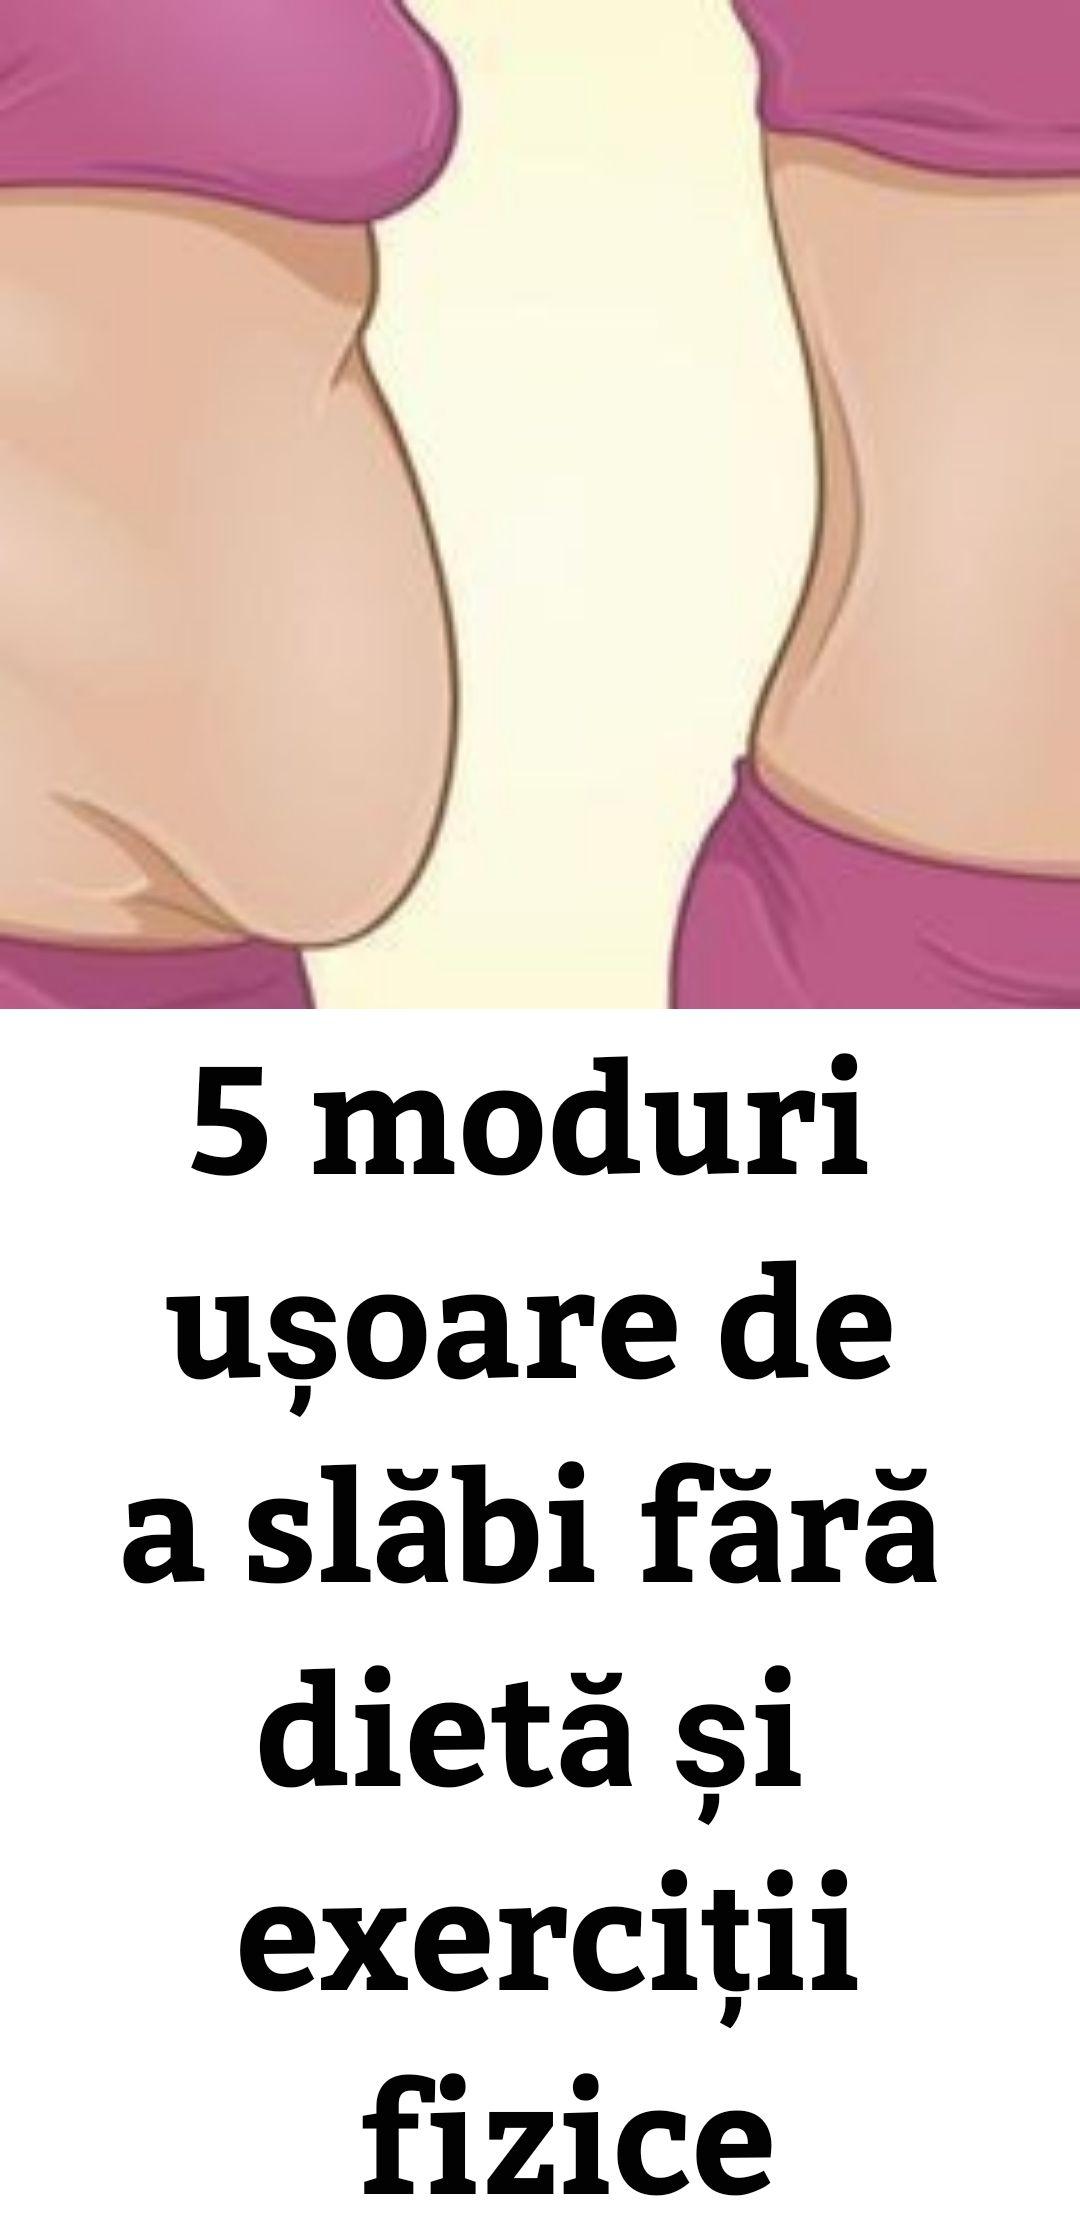 Pierdere în greutate de 5 lire într-o lună)